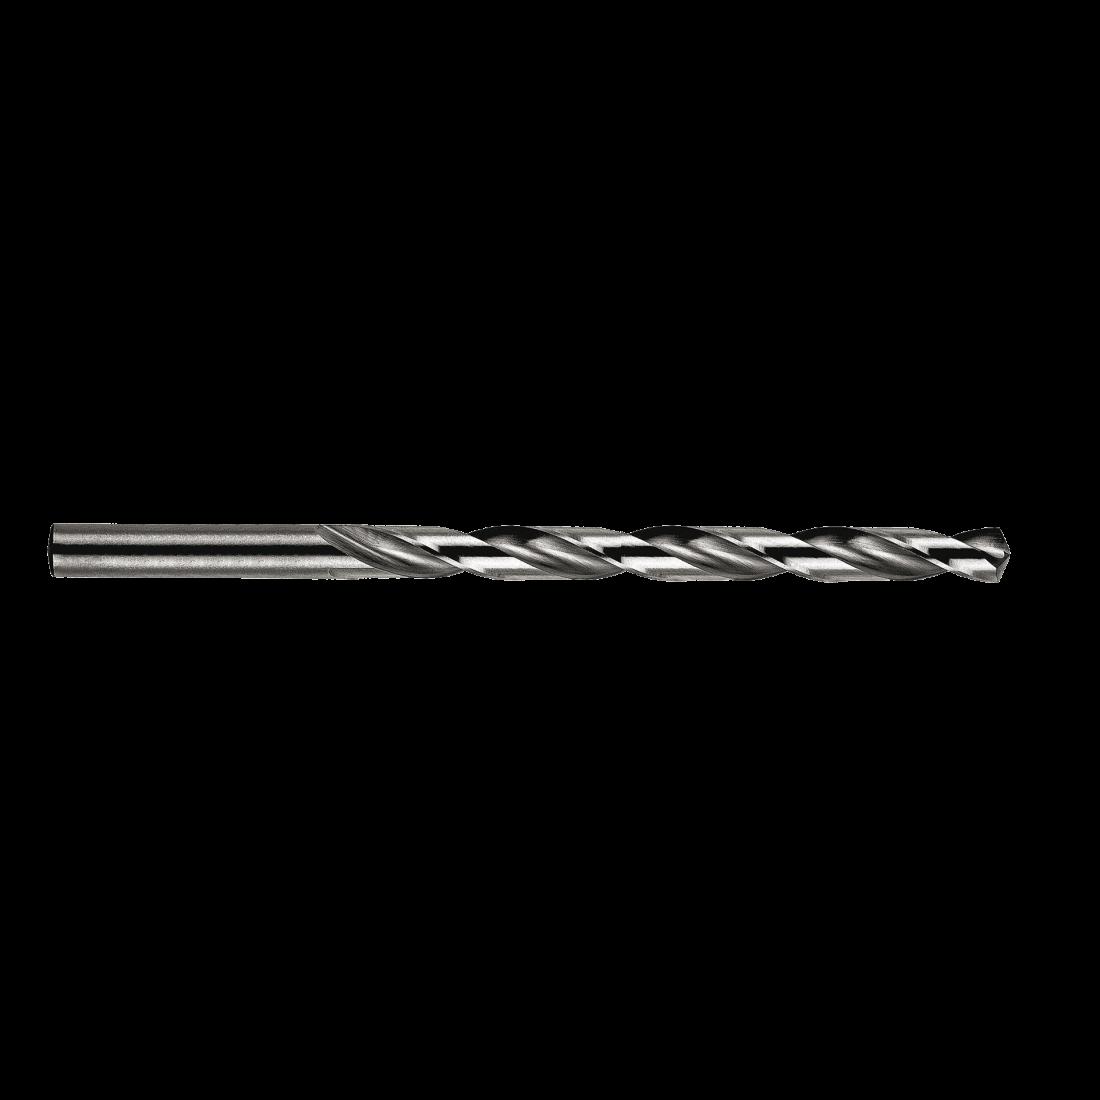 Сверлo по металлу Heller HSS-G Super DIN 340 сверхдлиннoе 4,2х78х119мм (10шт)